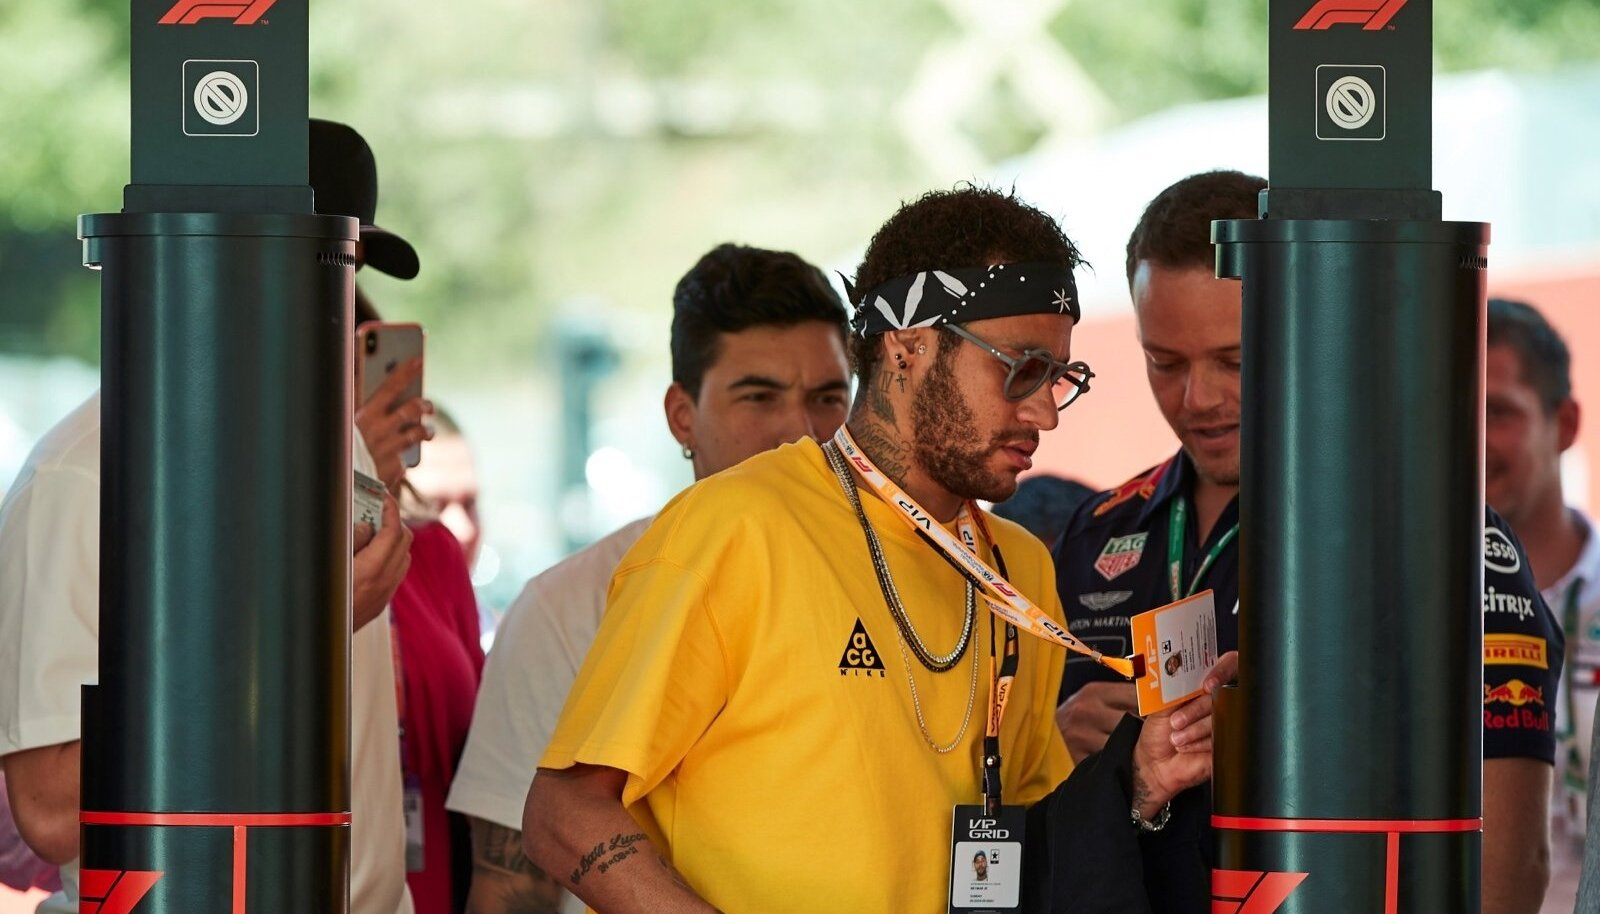 F1 hooldusalasse sisenedes pidi Brasiilia vutiäss Neymar oma kaelakaardi läbi piiksutama nagu kõik teisedki.